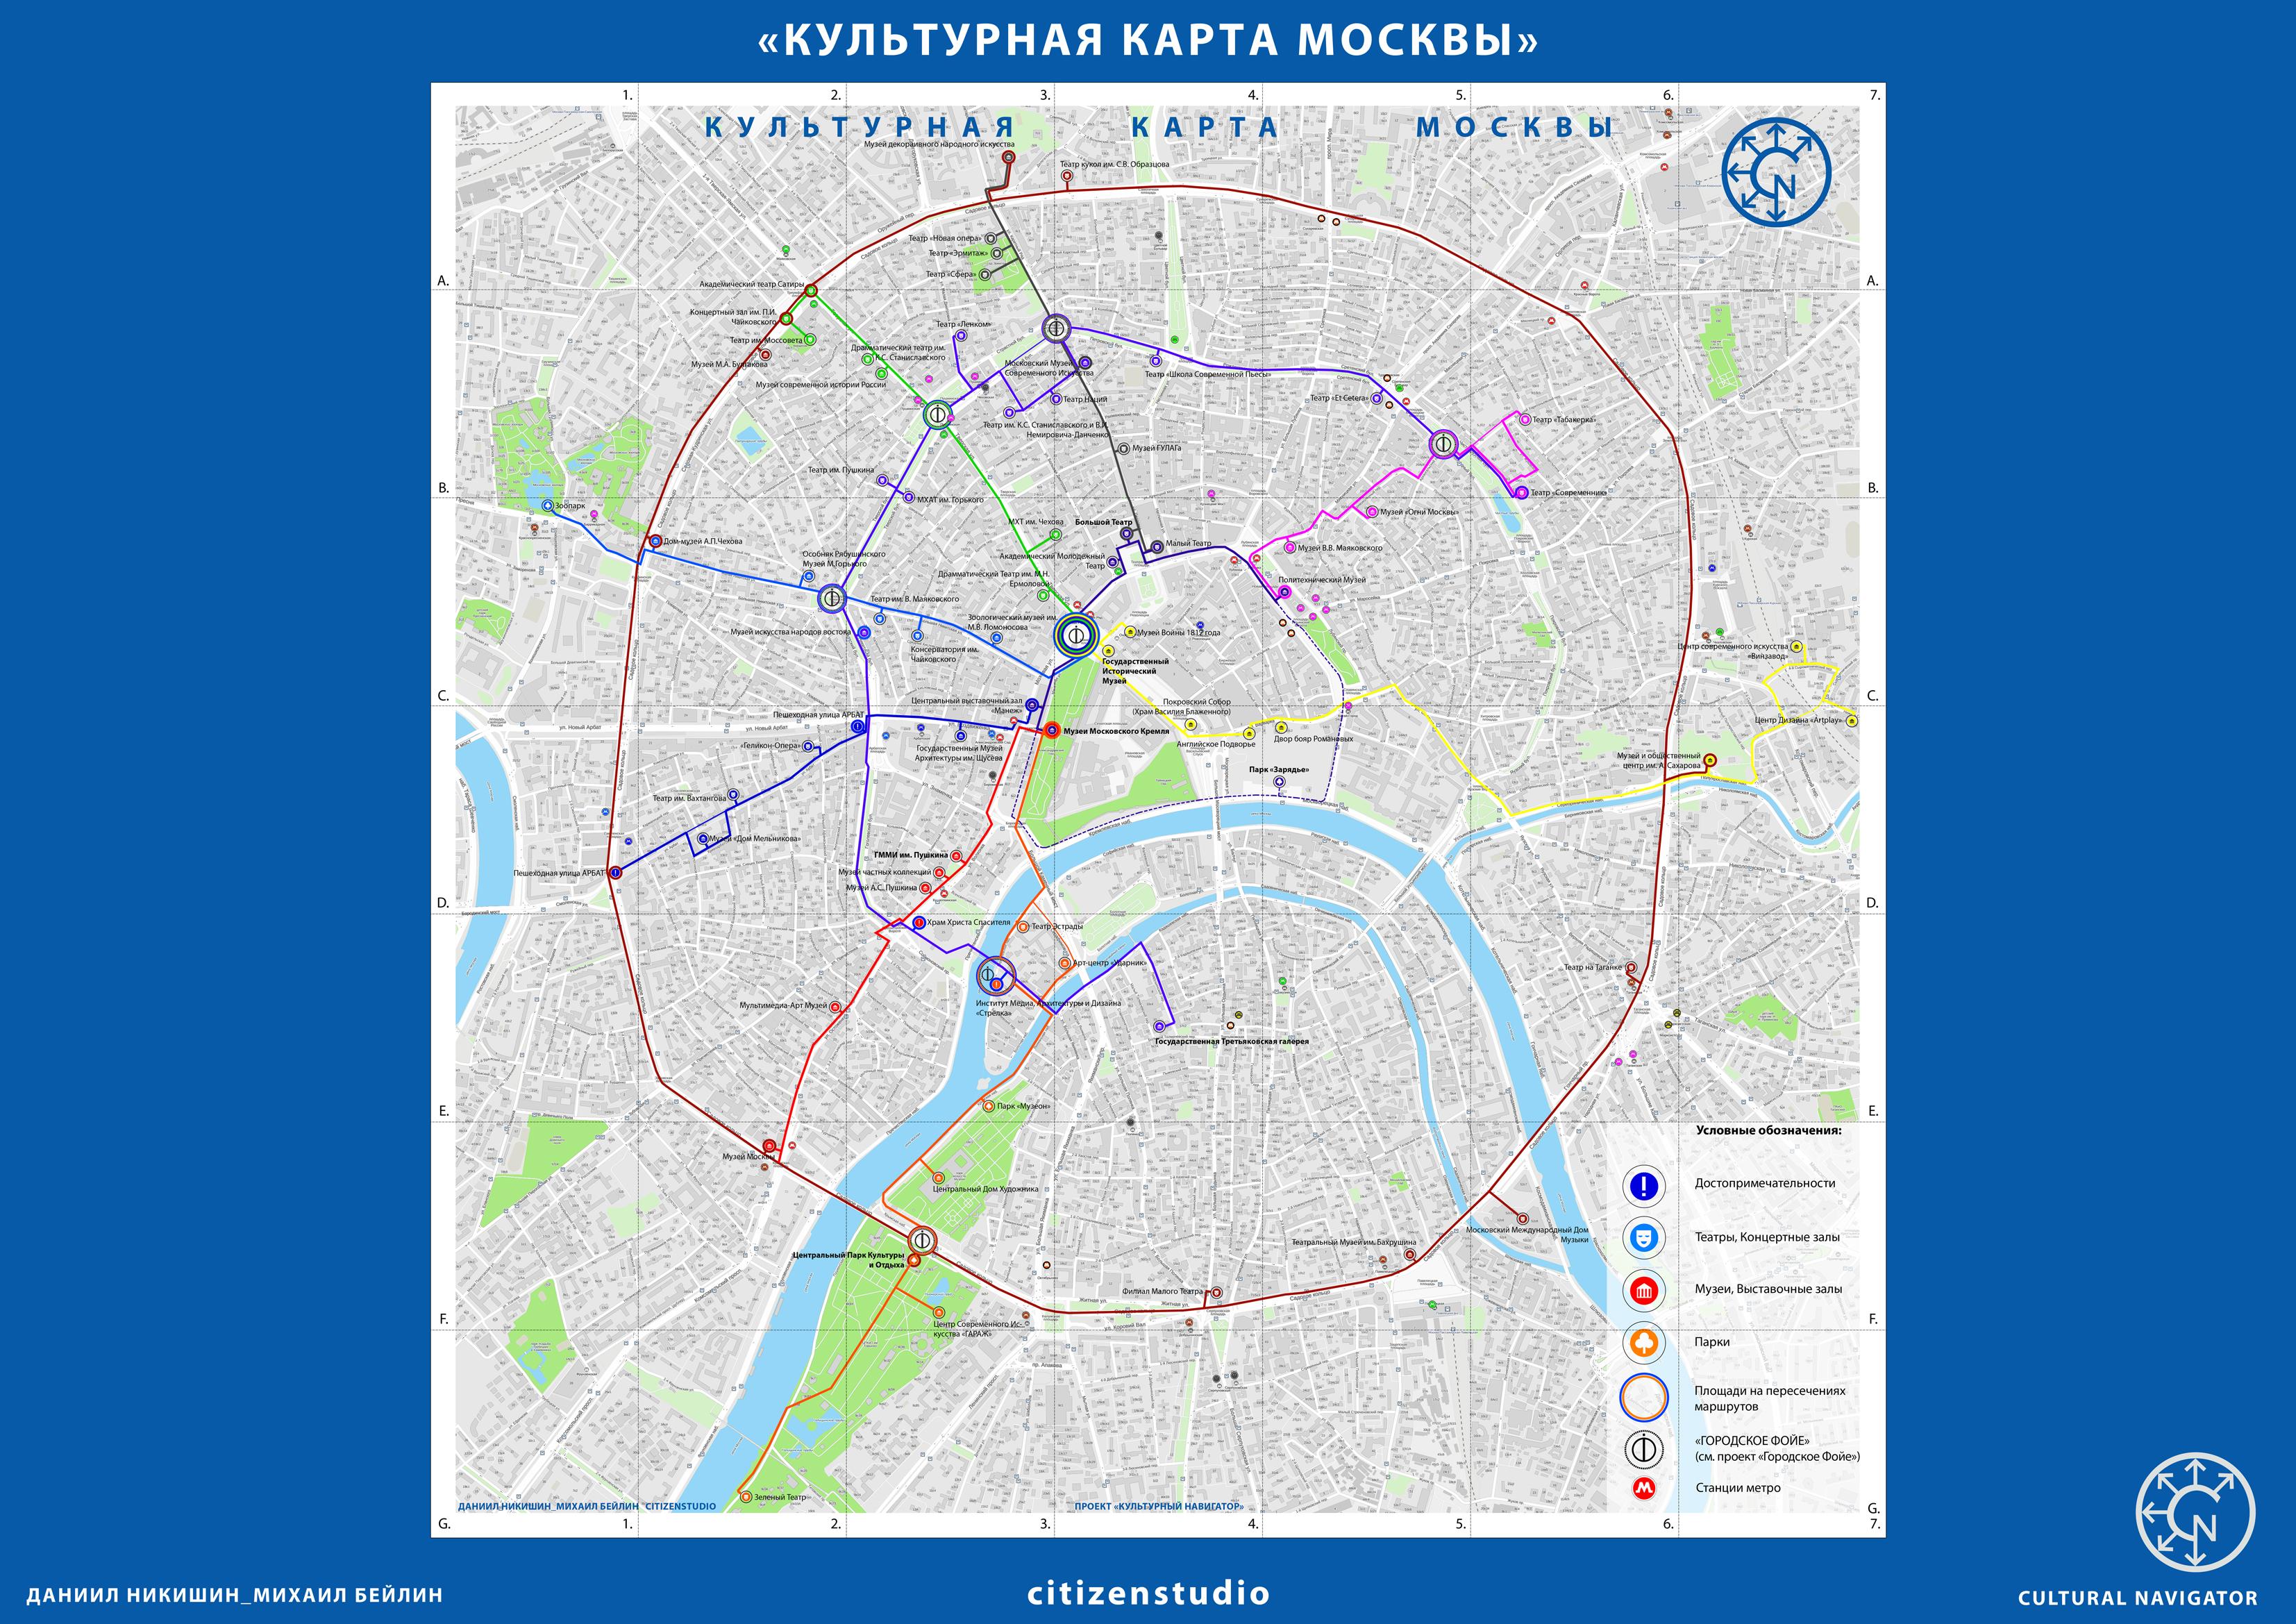 скачать без платно карта москвы: